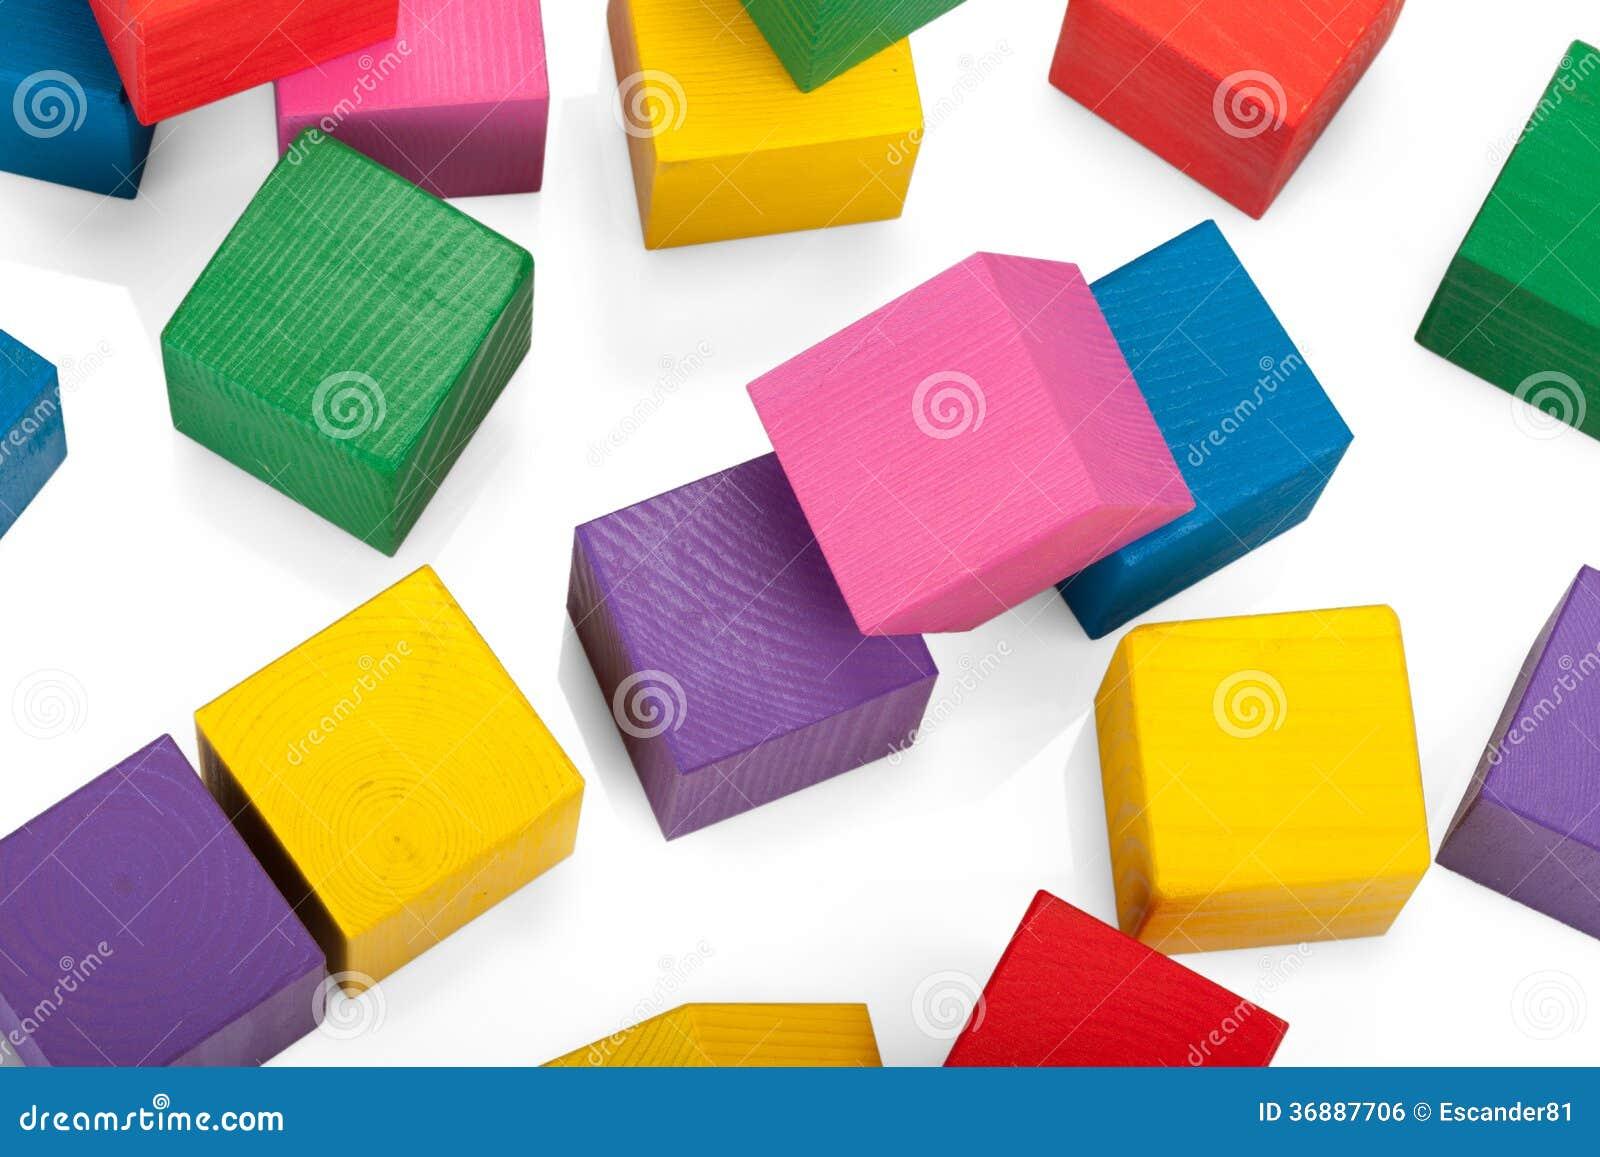 Download Blocchi Di Legno, Pila Di Cubi Variopinti, Il Giocattolo Dei Bambini Isolato Fotografia Stock - Immagine di configurazione, piramide: 36887706